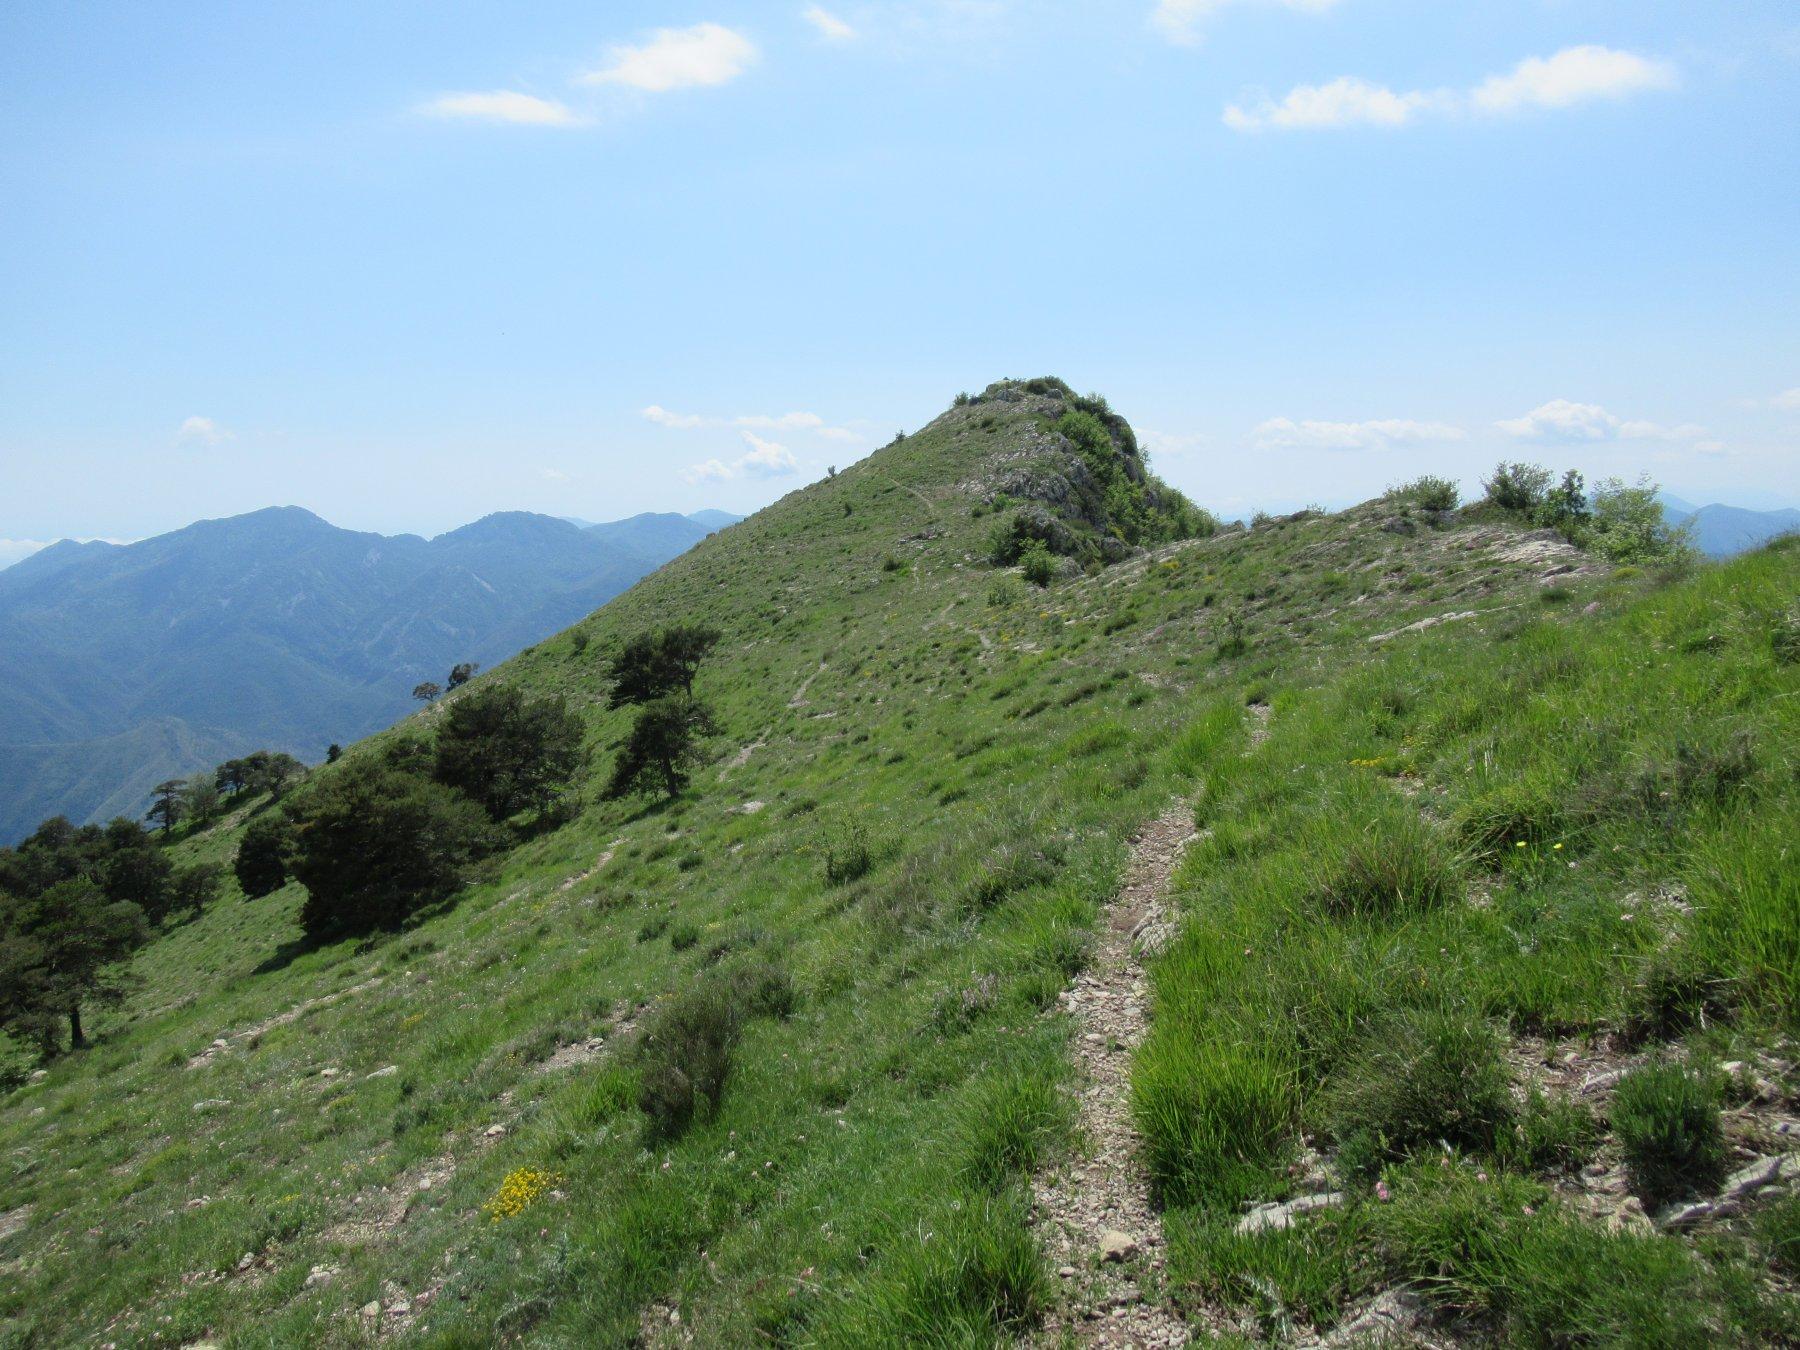 Arpette (l') da Rocchetta Nervina Anello Monte Terca, Sella di Gouta, Tete d'Alpe e Roche Forquin 2020-05-28